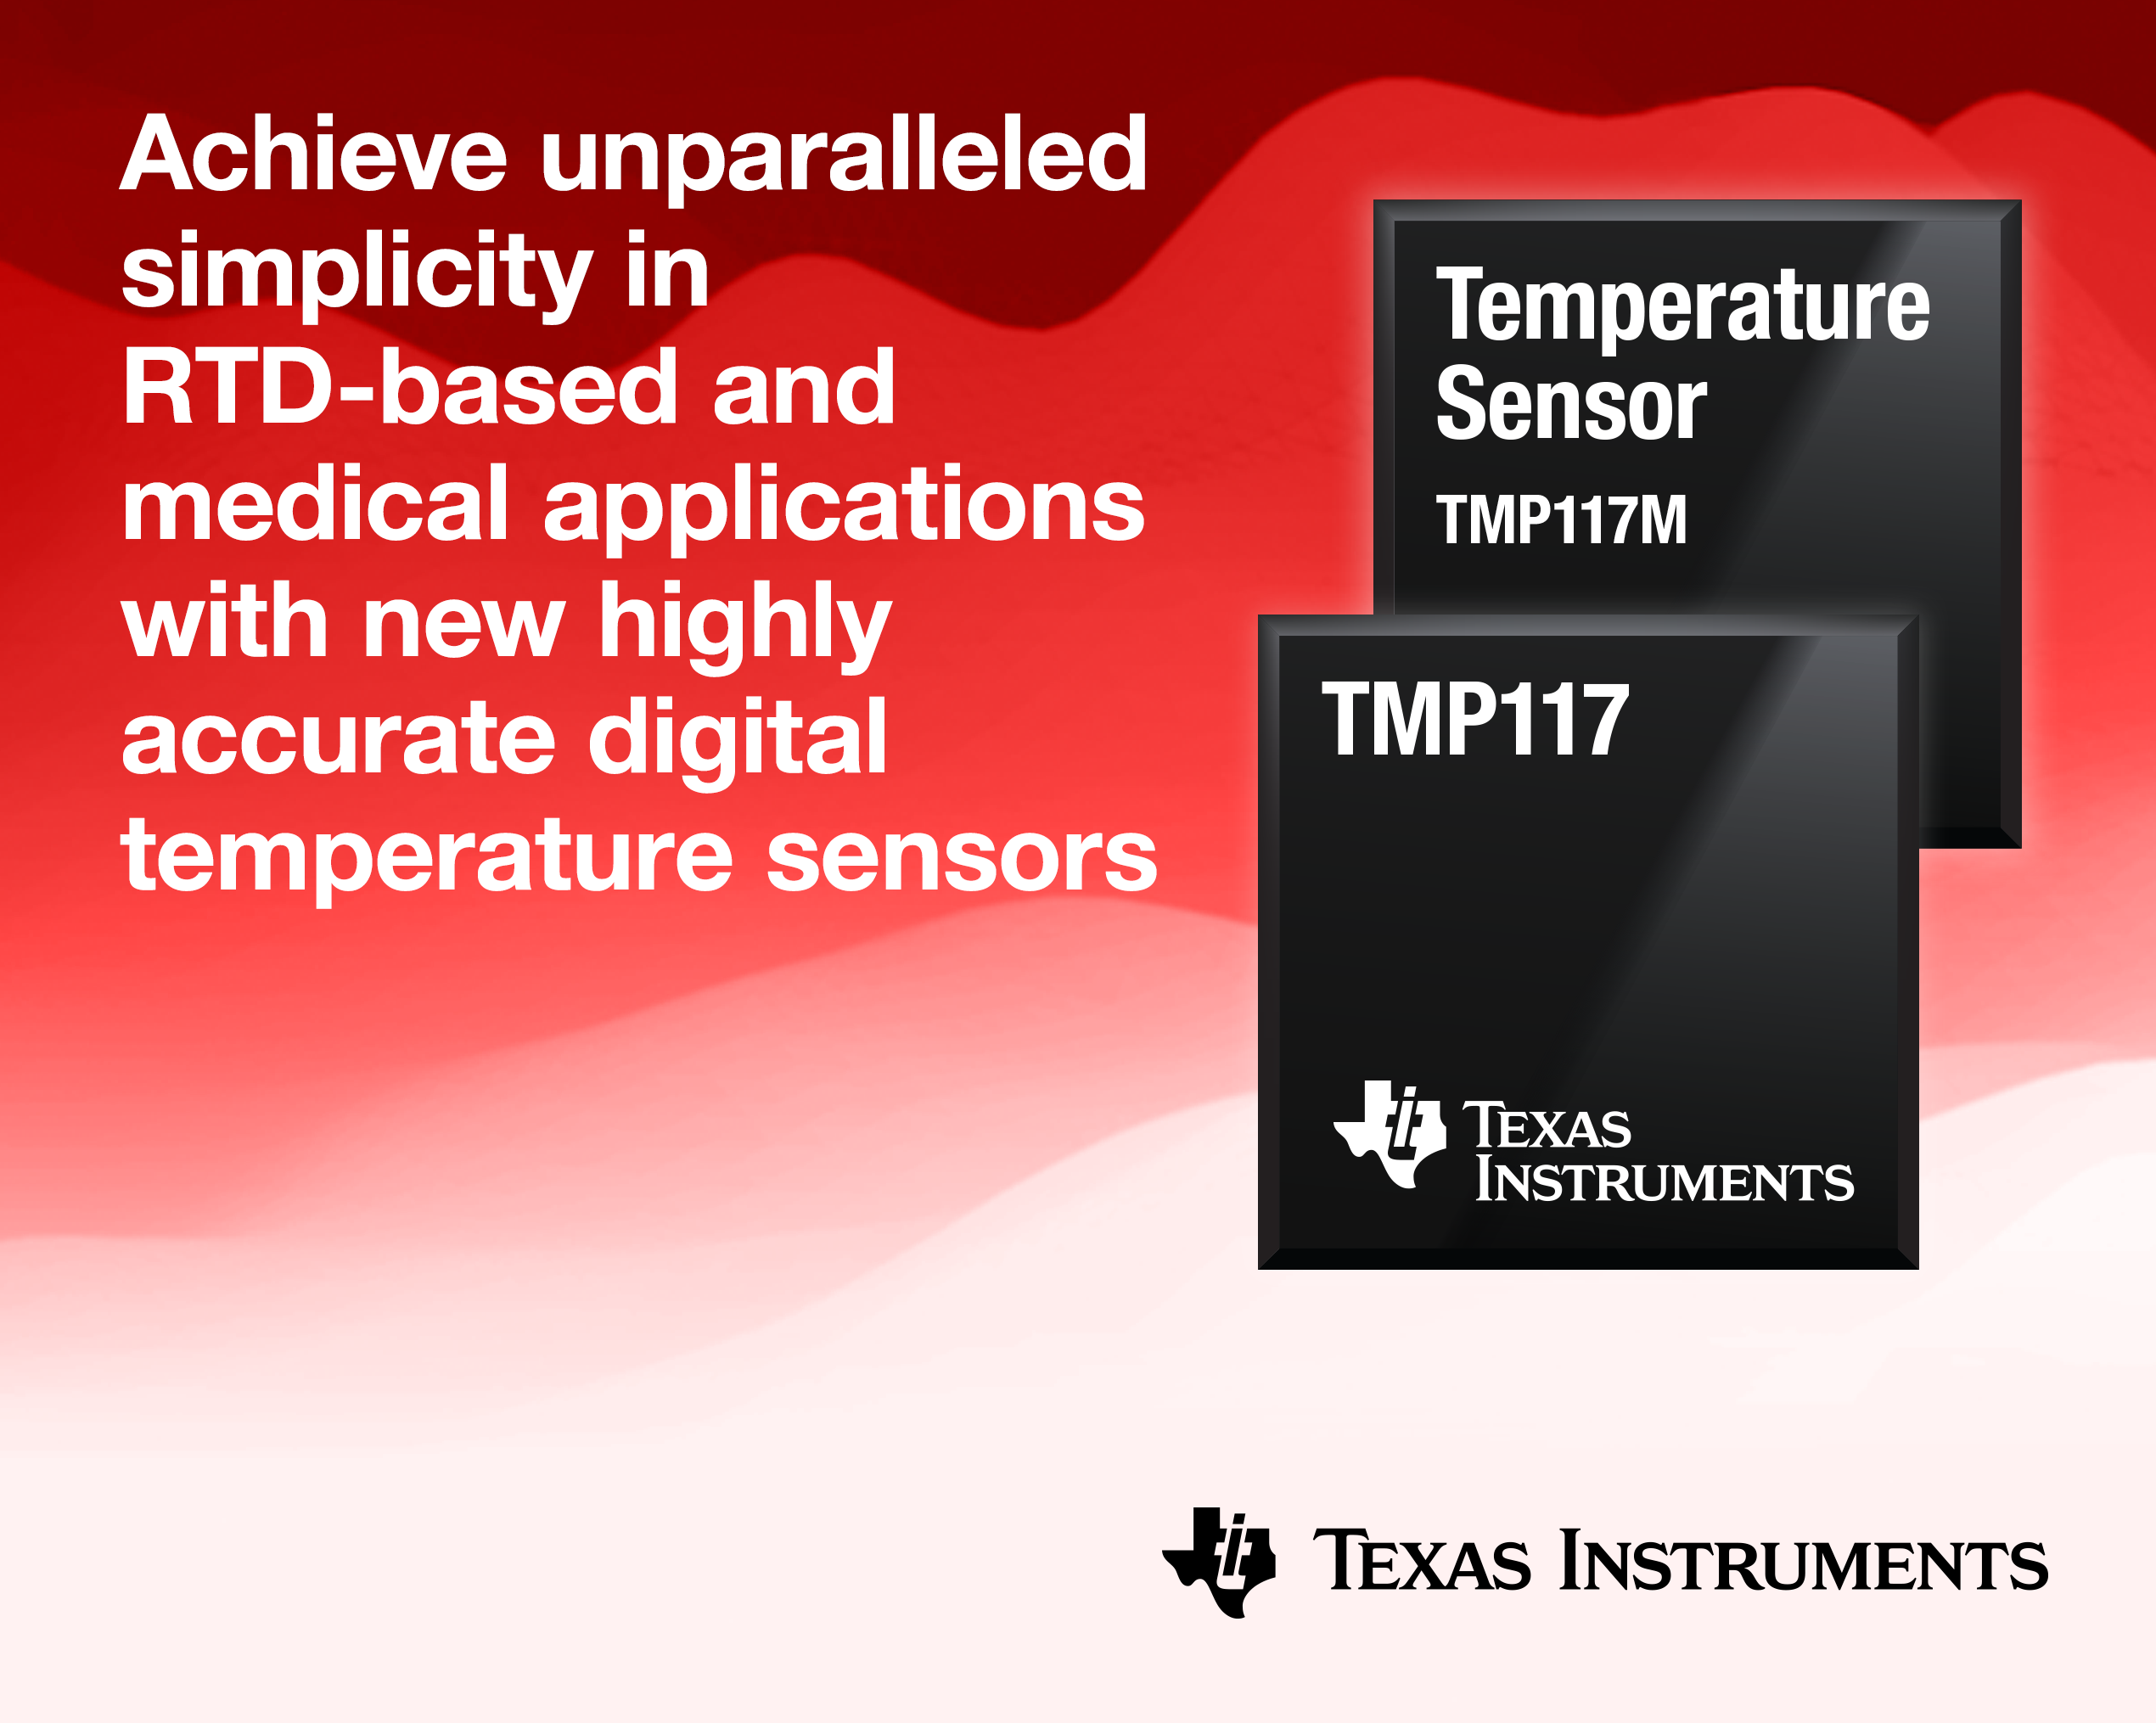 高精度数字温度传感器为基于RTD和医疗应用的设计带来无与伦比的简便性